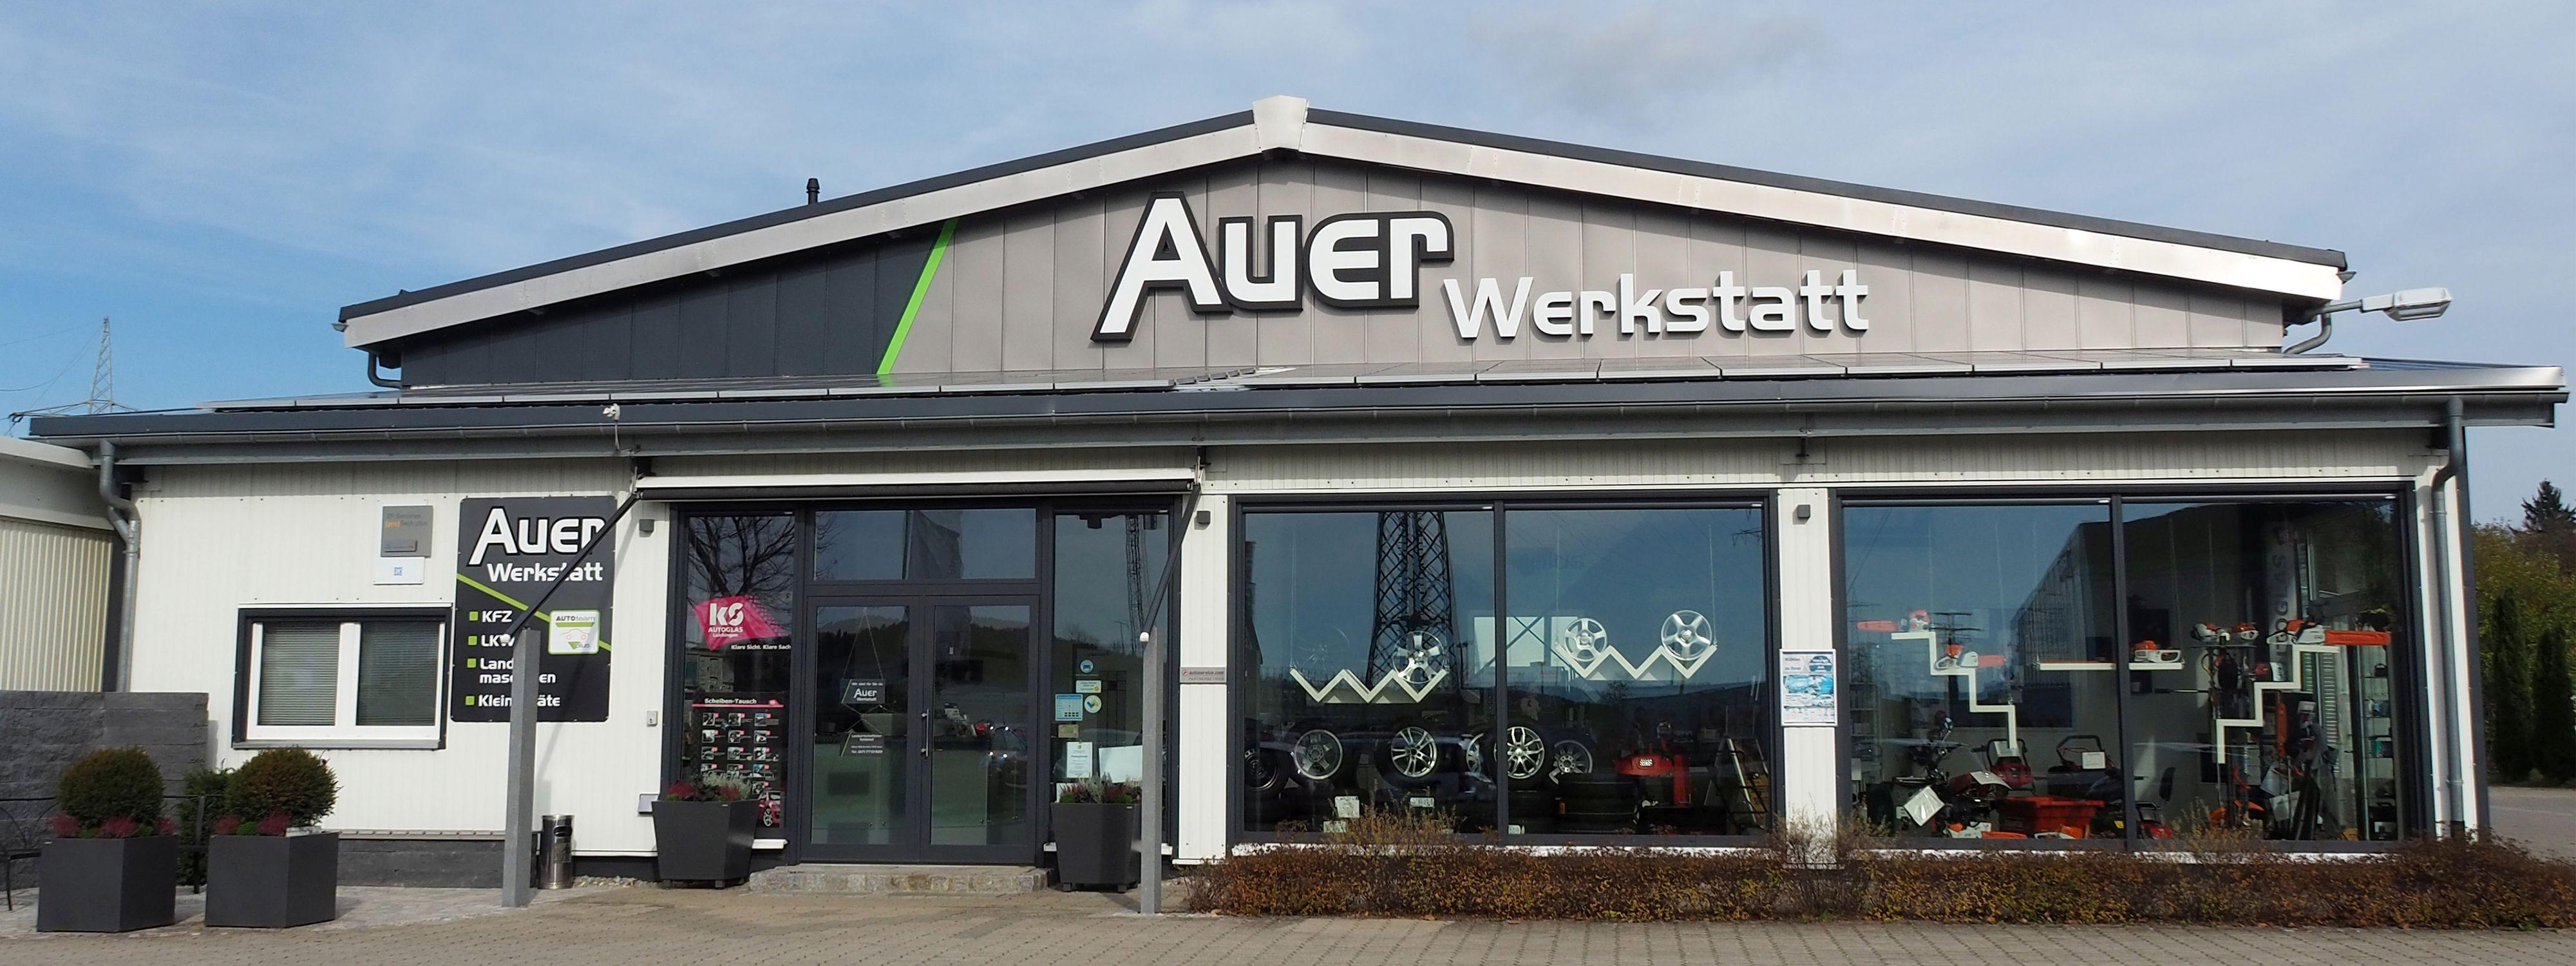 Auer Werkstatt Start 1